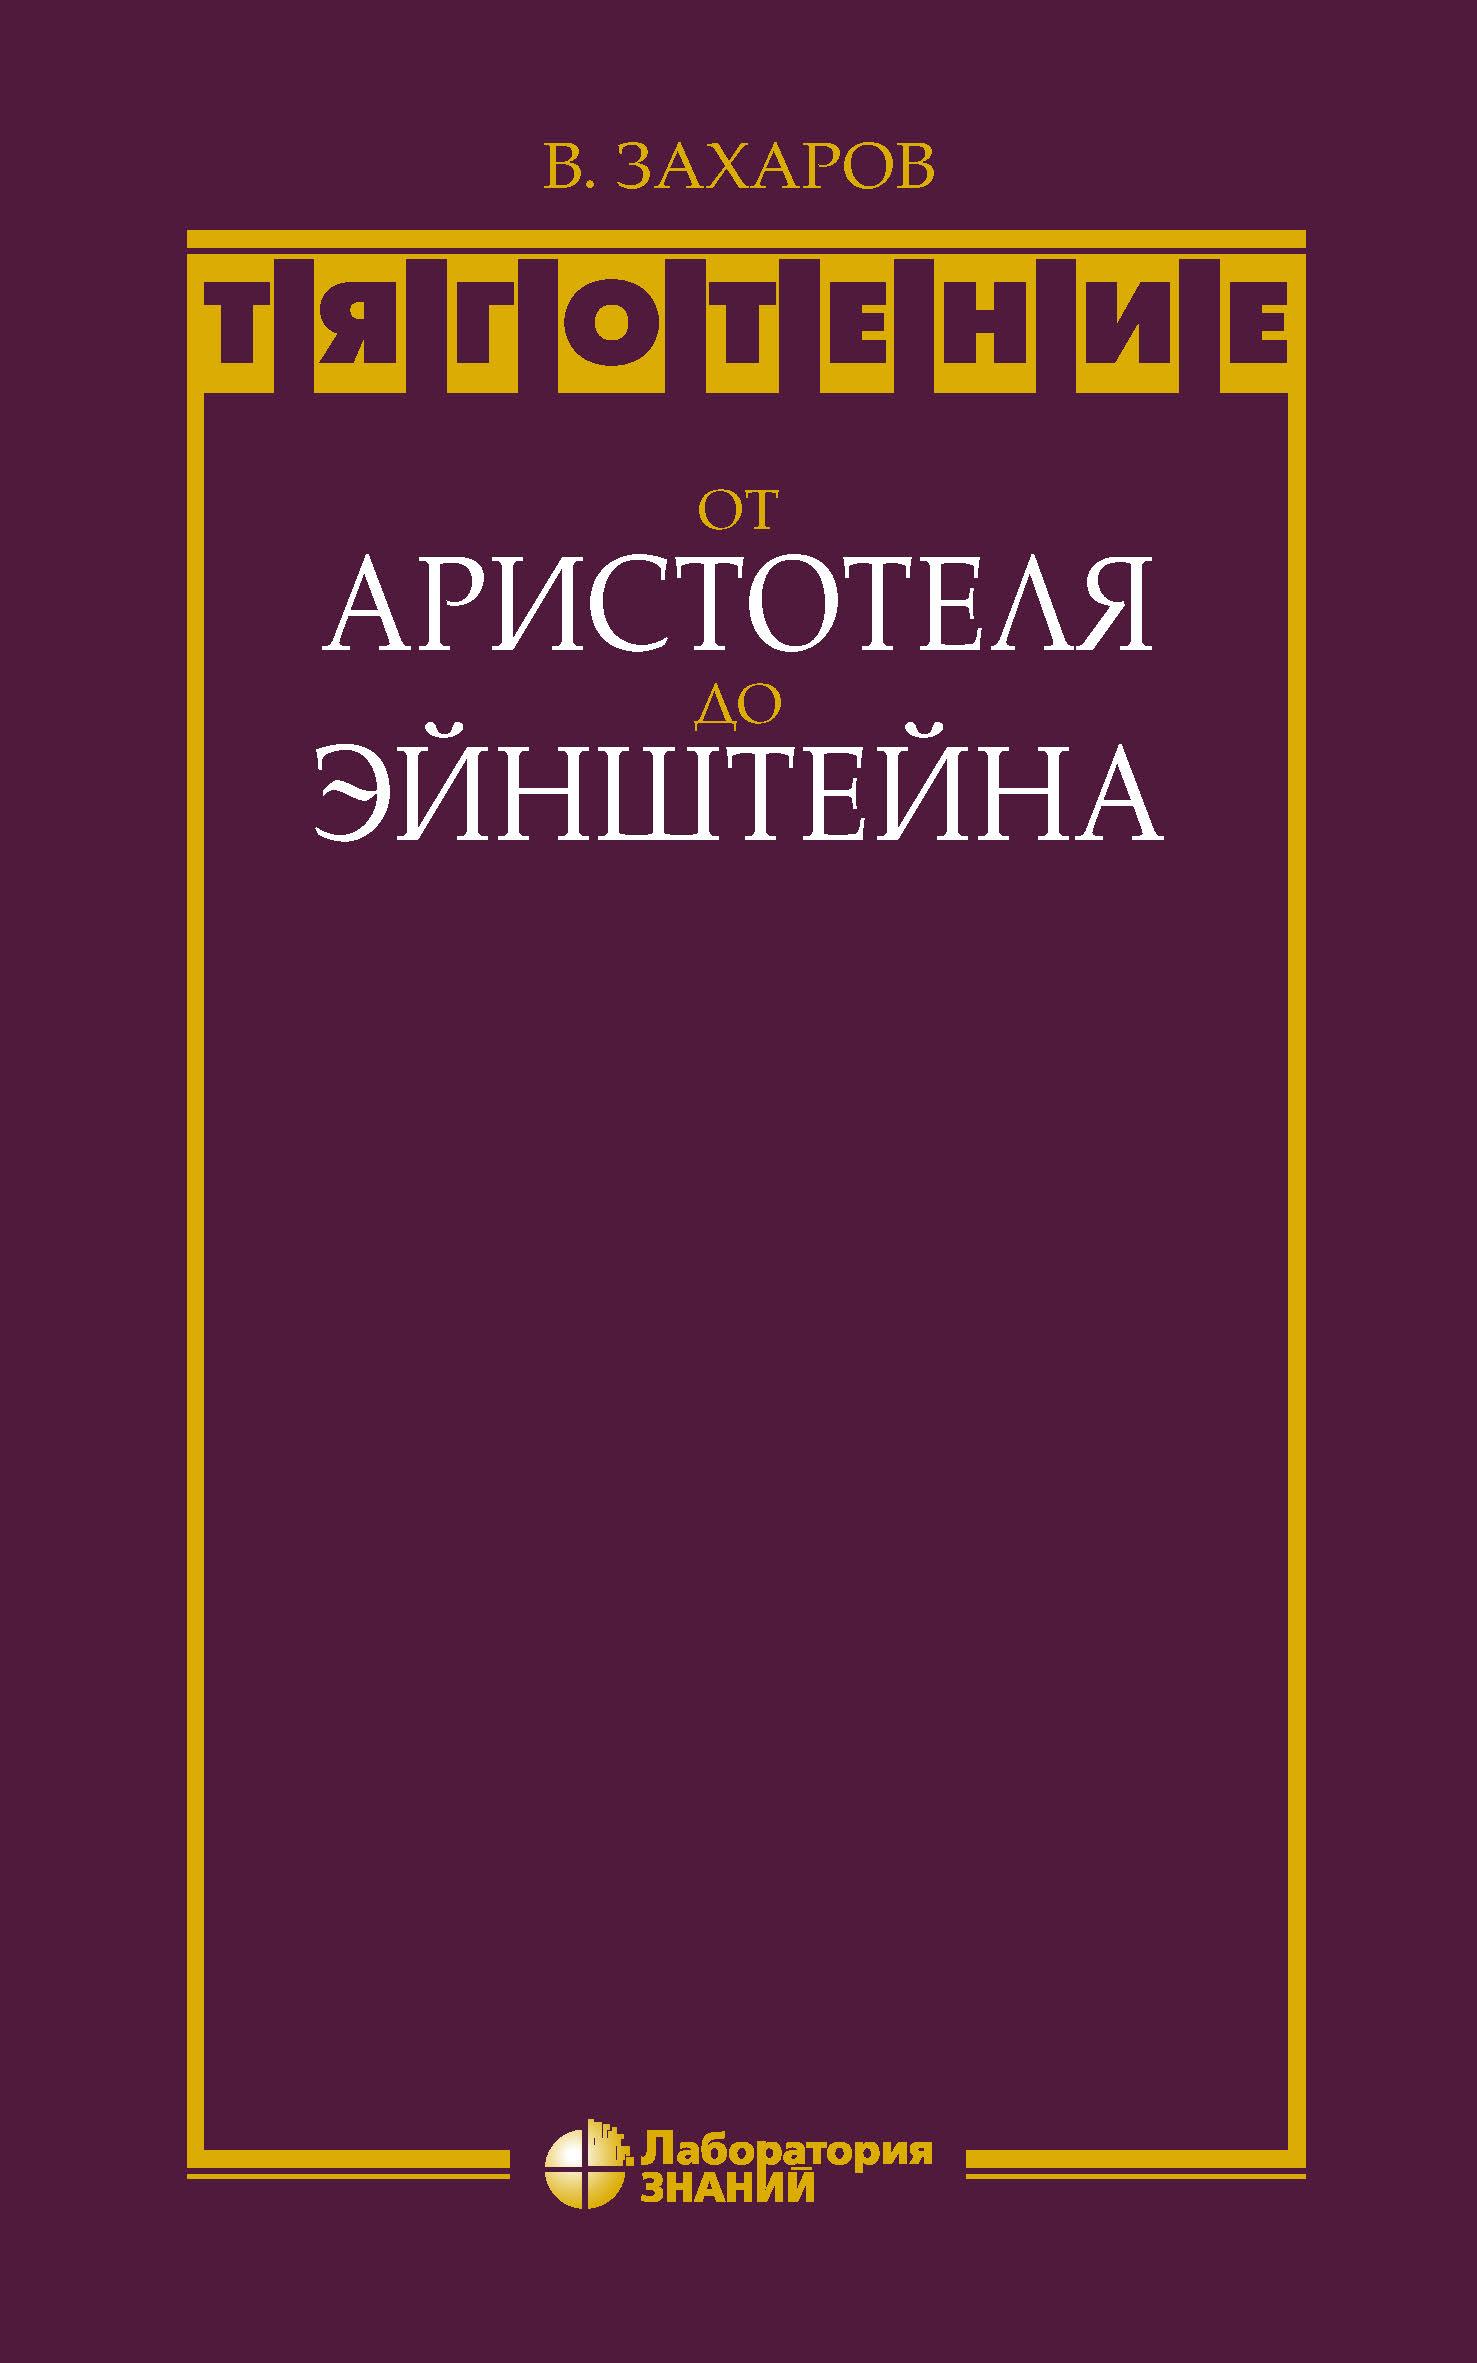 В. Д. Захаров Тяготение: от Аристотеля до Эйнштейна